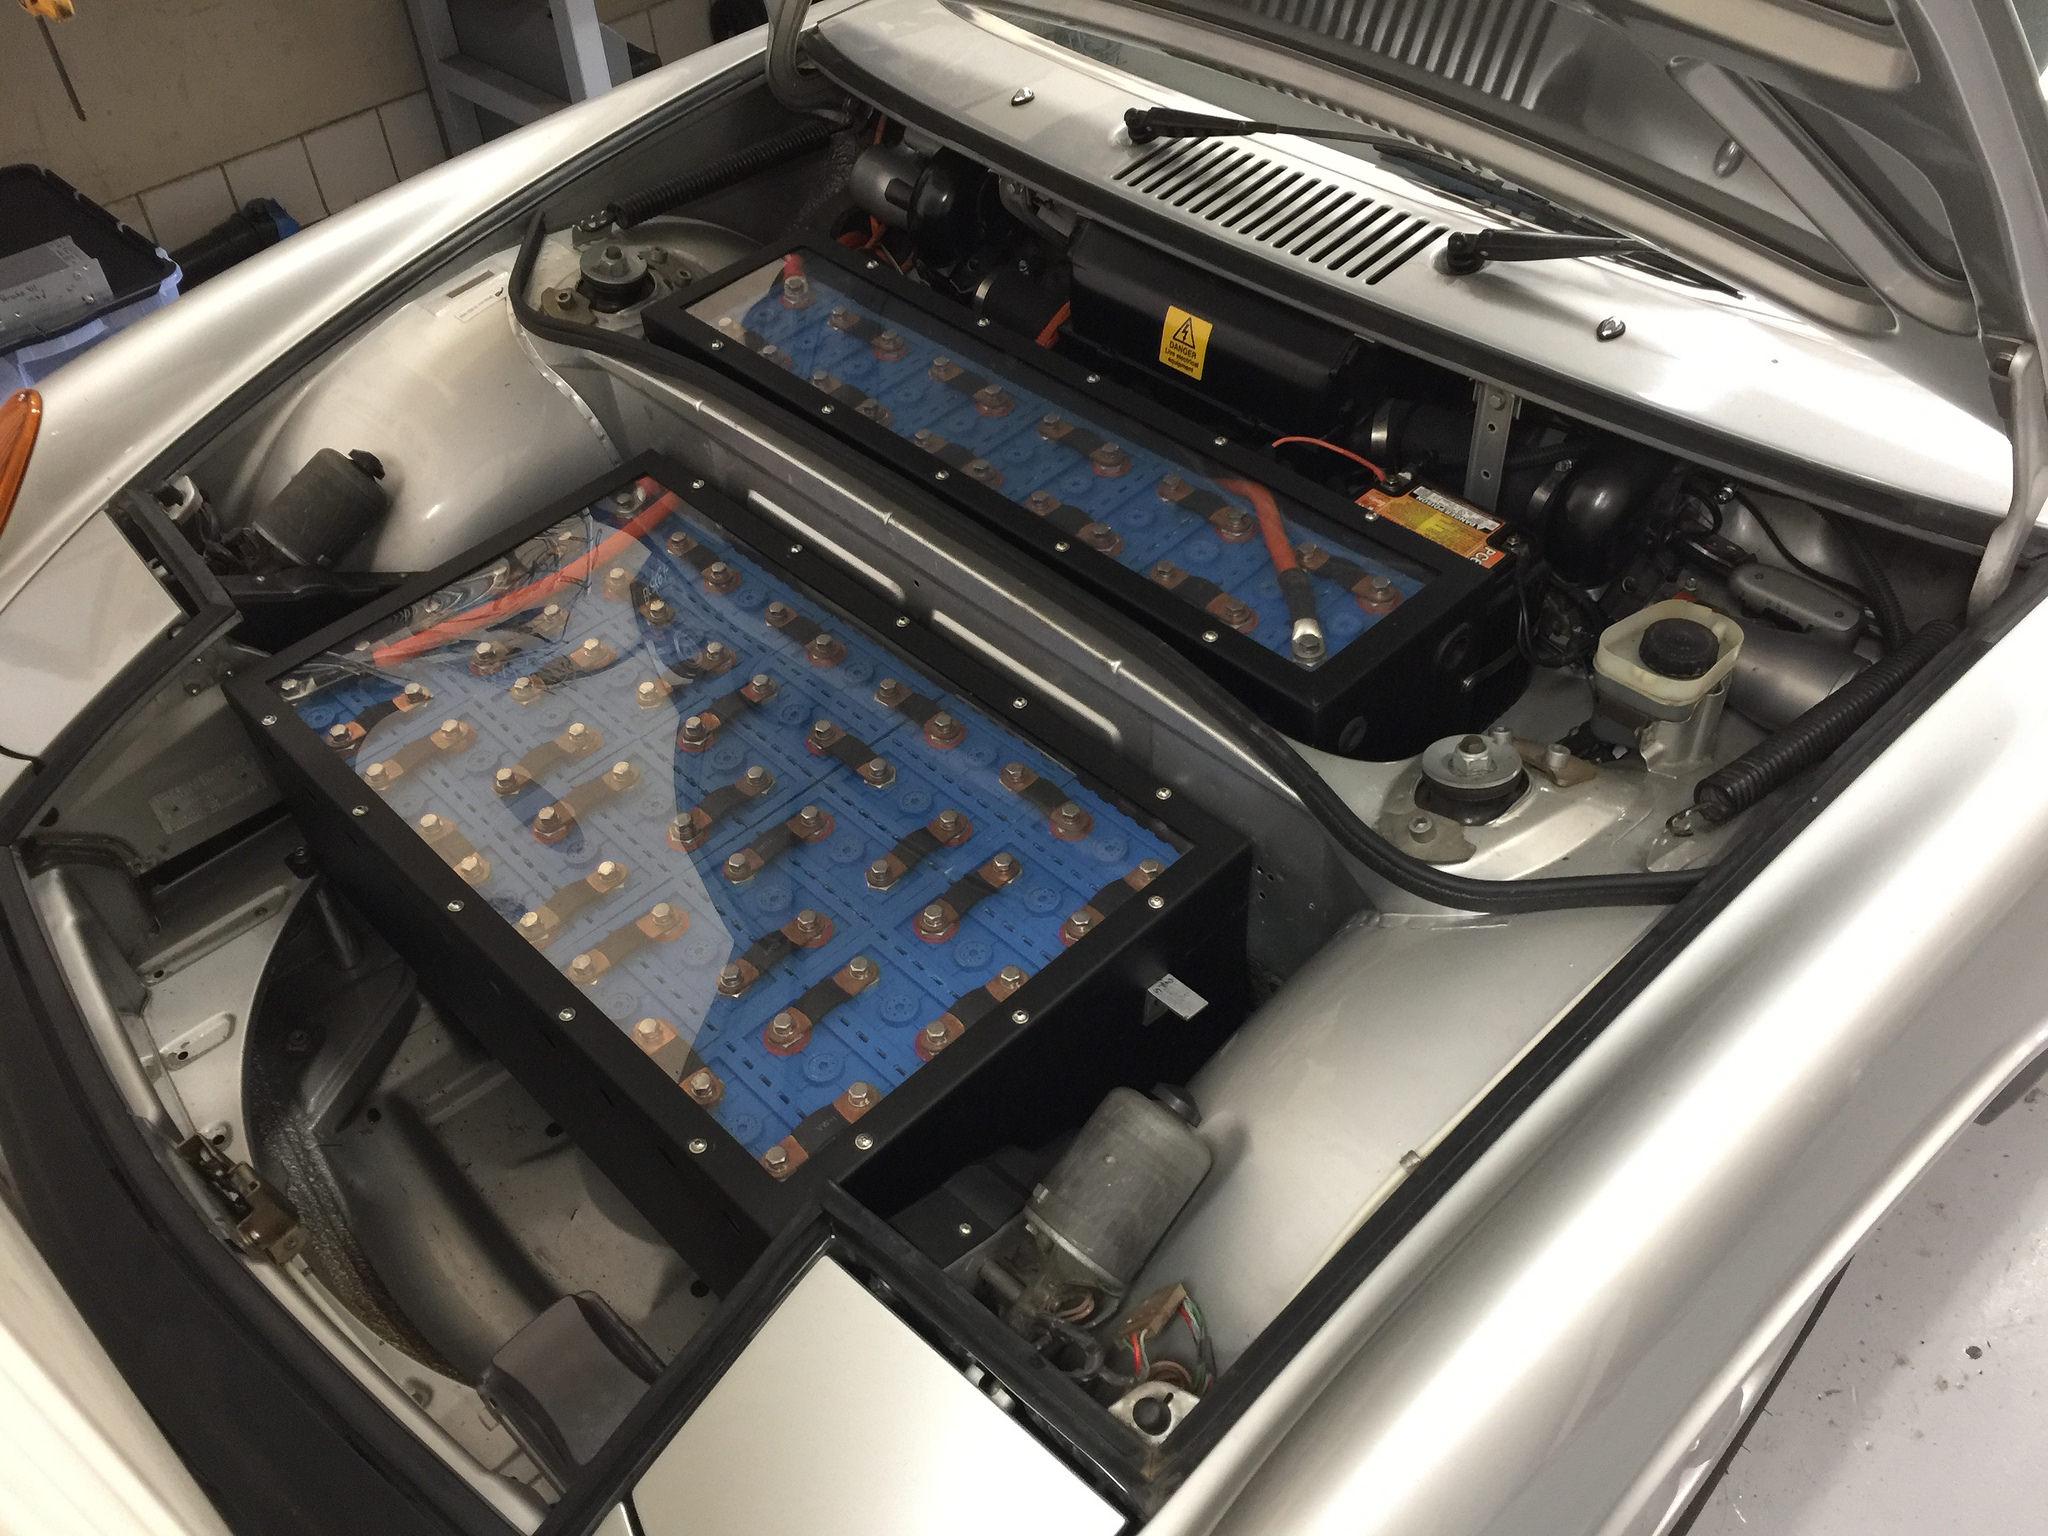 1973 Porsche 914 EV conversion motor